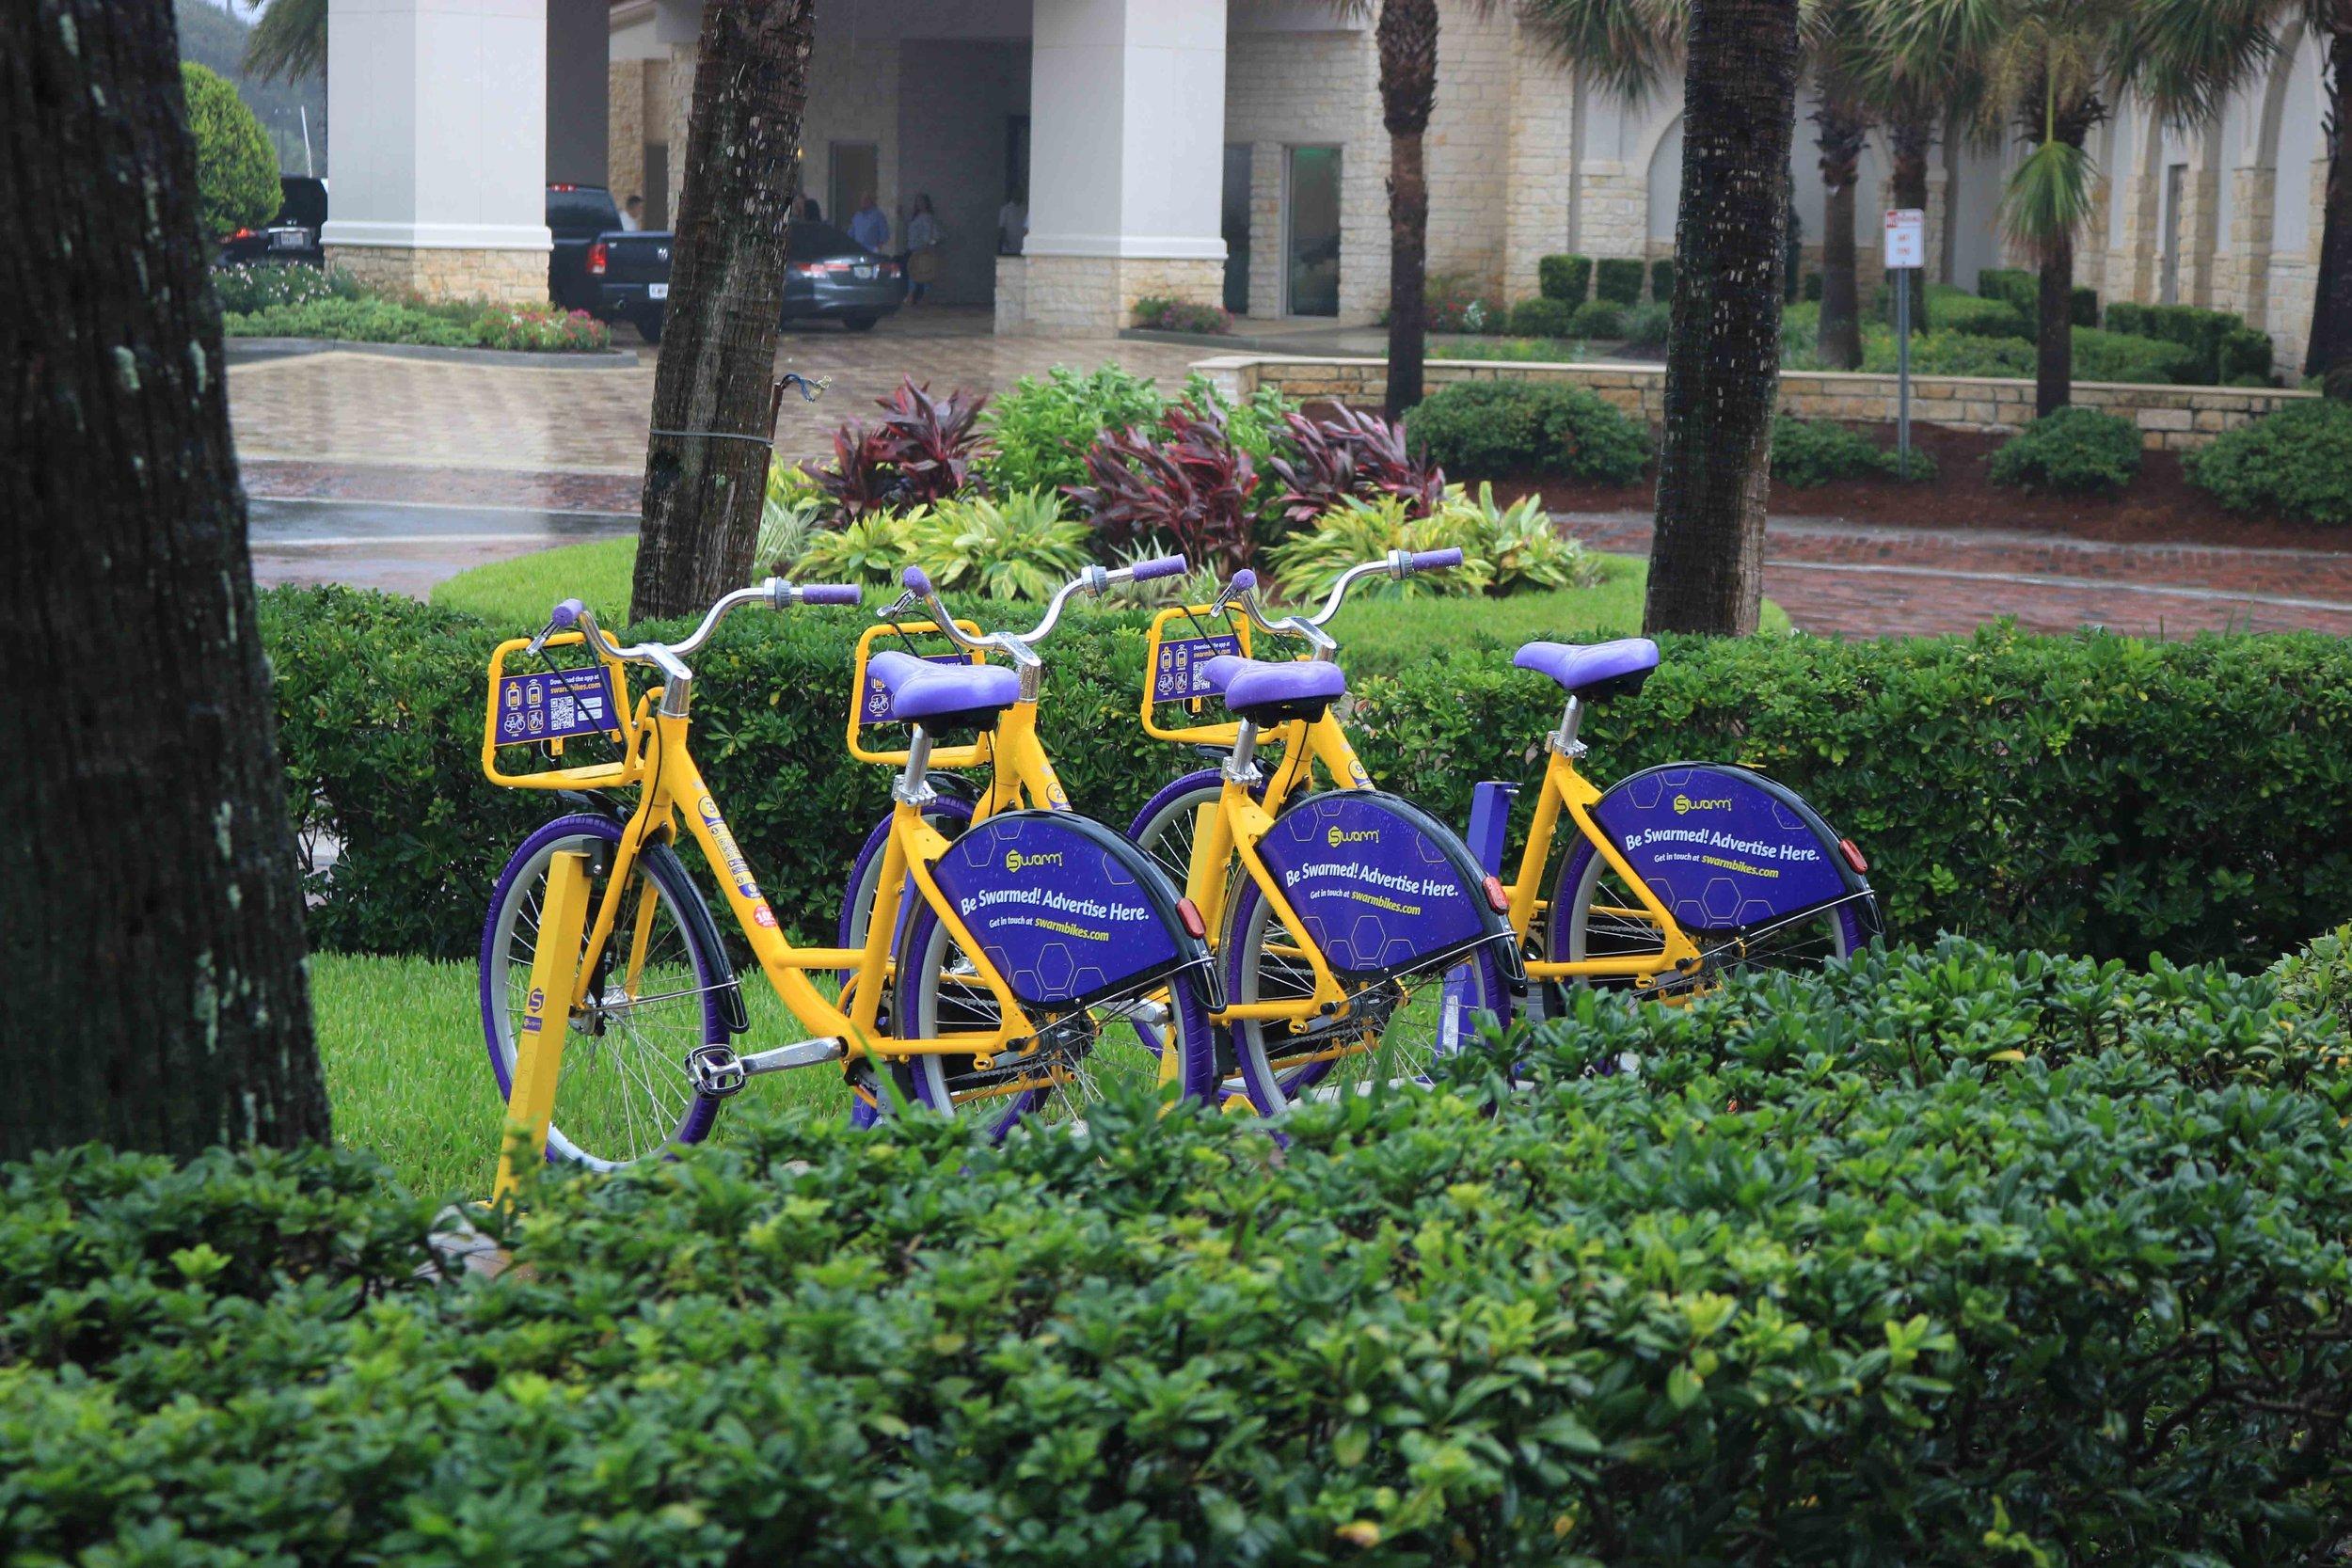 Bike Rental Program at Lemon Bar